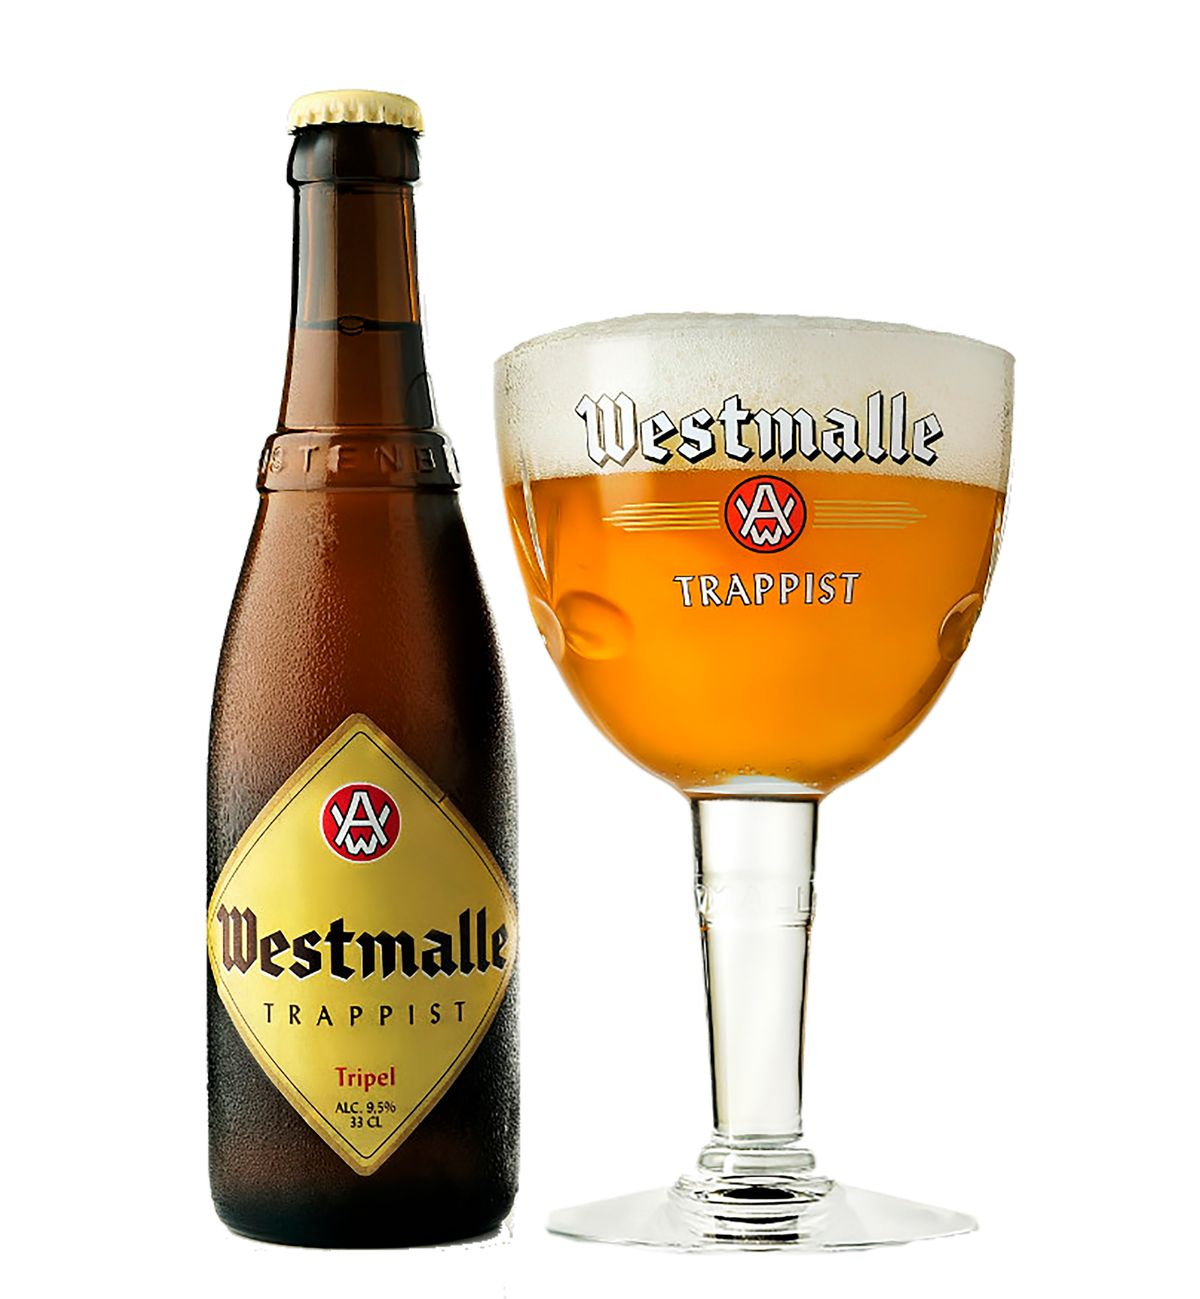 1 место в десятке лучшего пива Бельгии занимает Westmalle Tripel, 9.5%